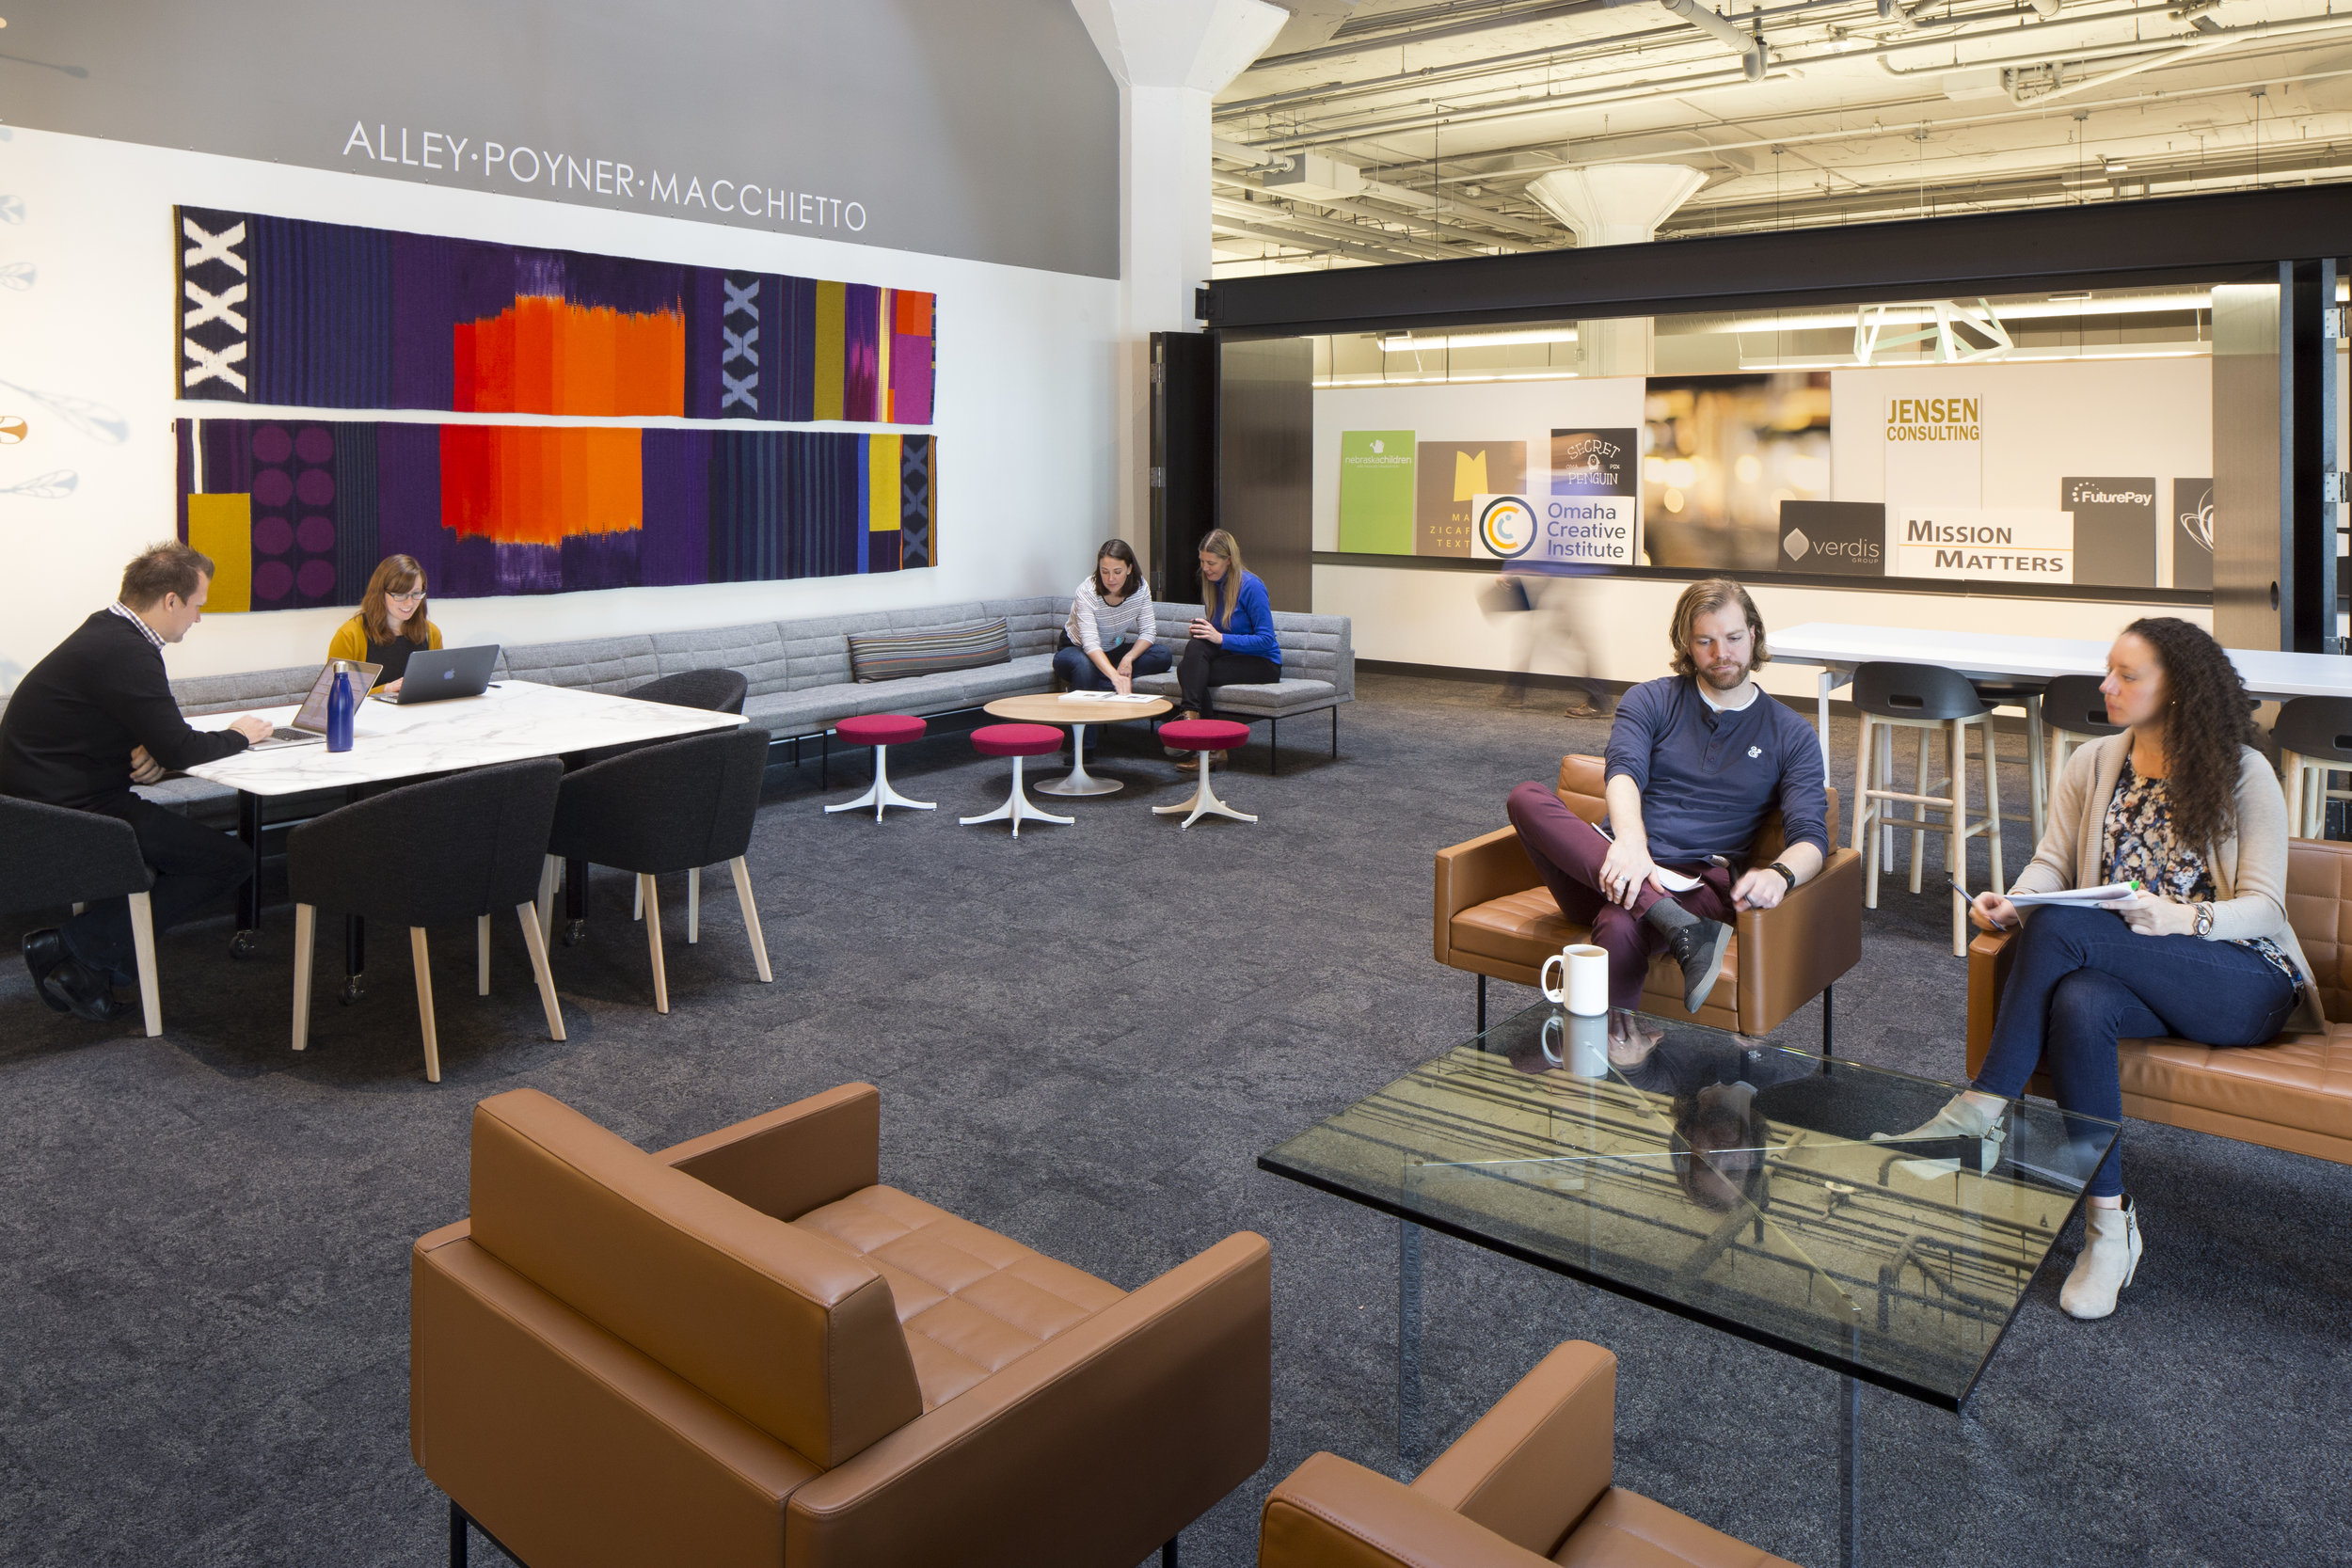 Alley Poyner Macchietto Architecture Studio + CO LAB |  Omaha, NE   View Gallery »